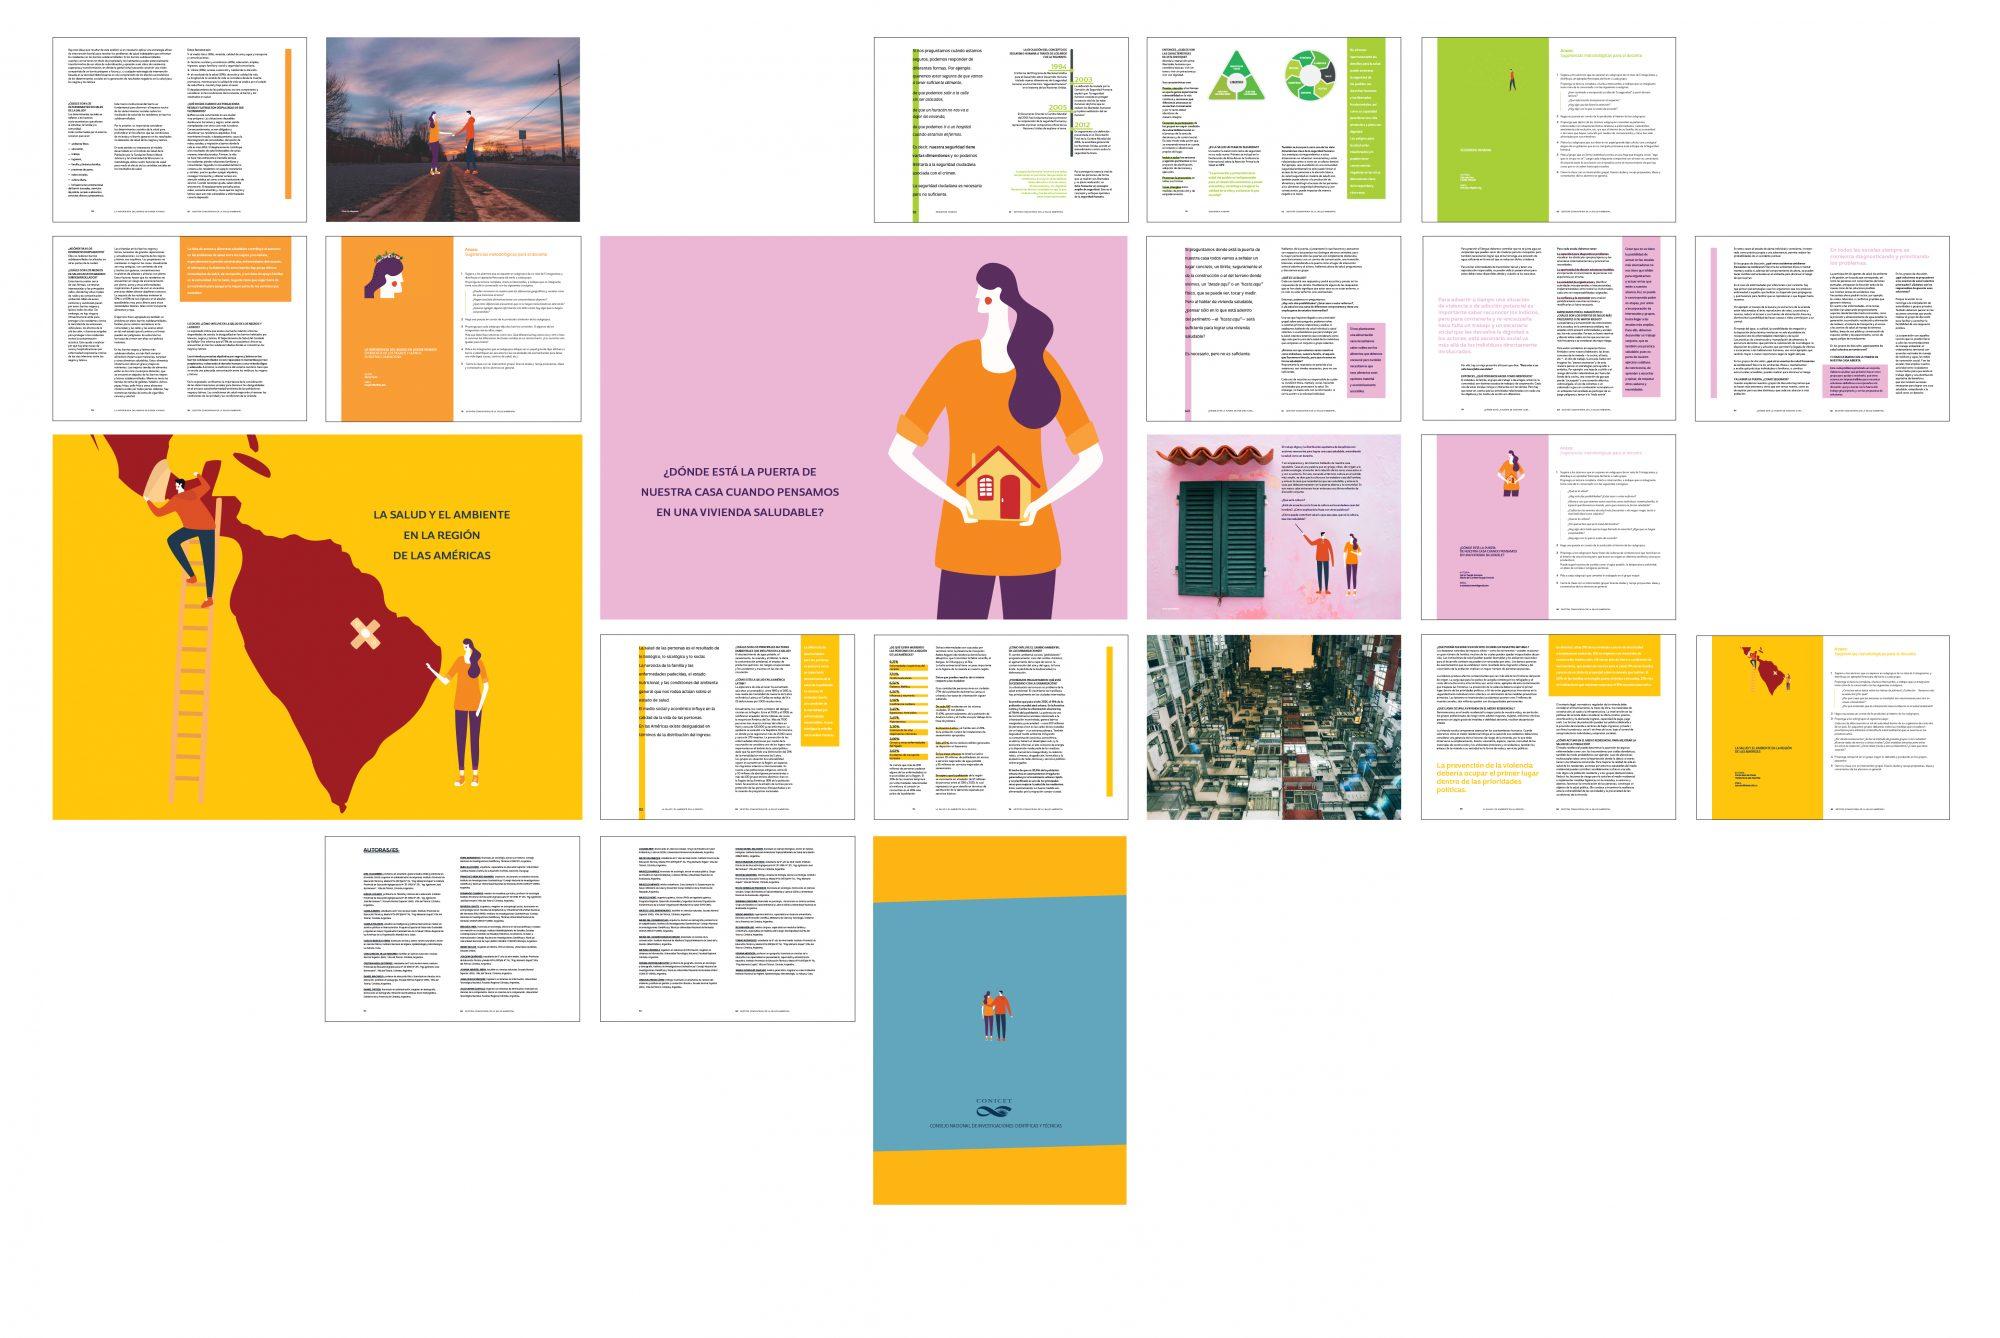 Gestión comunitaria de la salud ambiental thumbnails 1page3